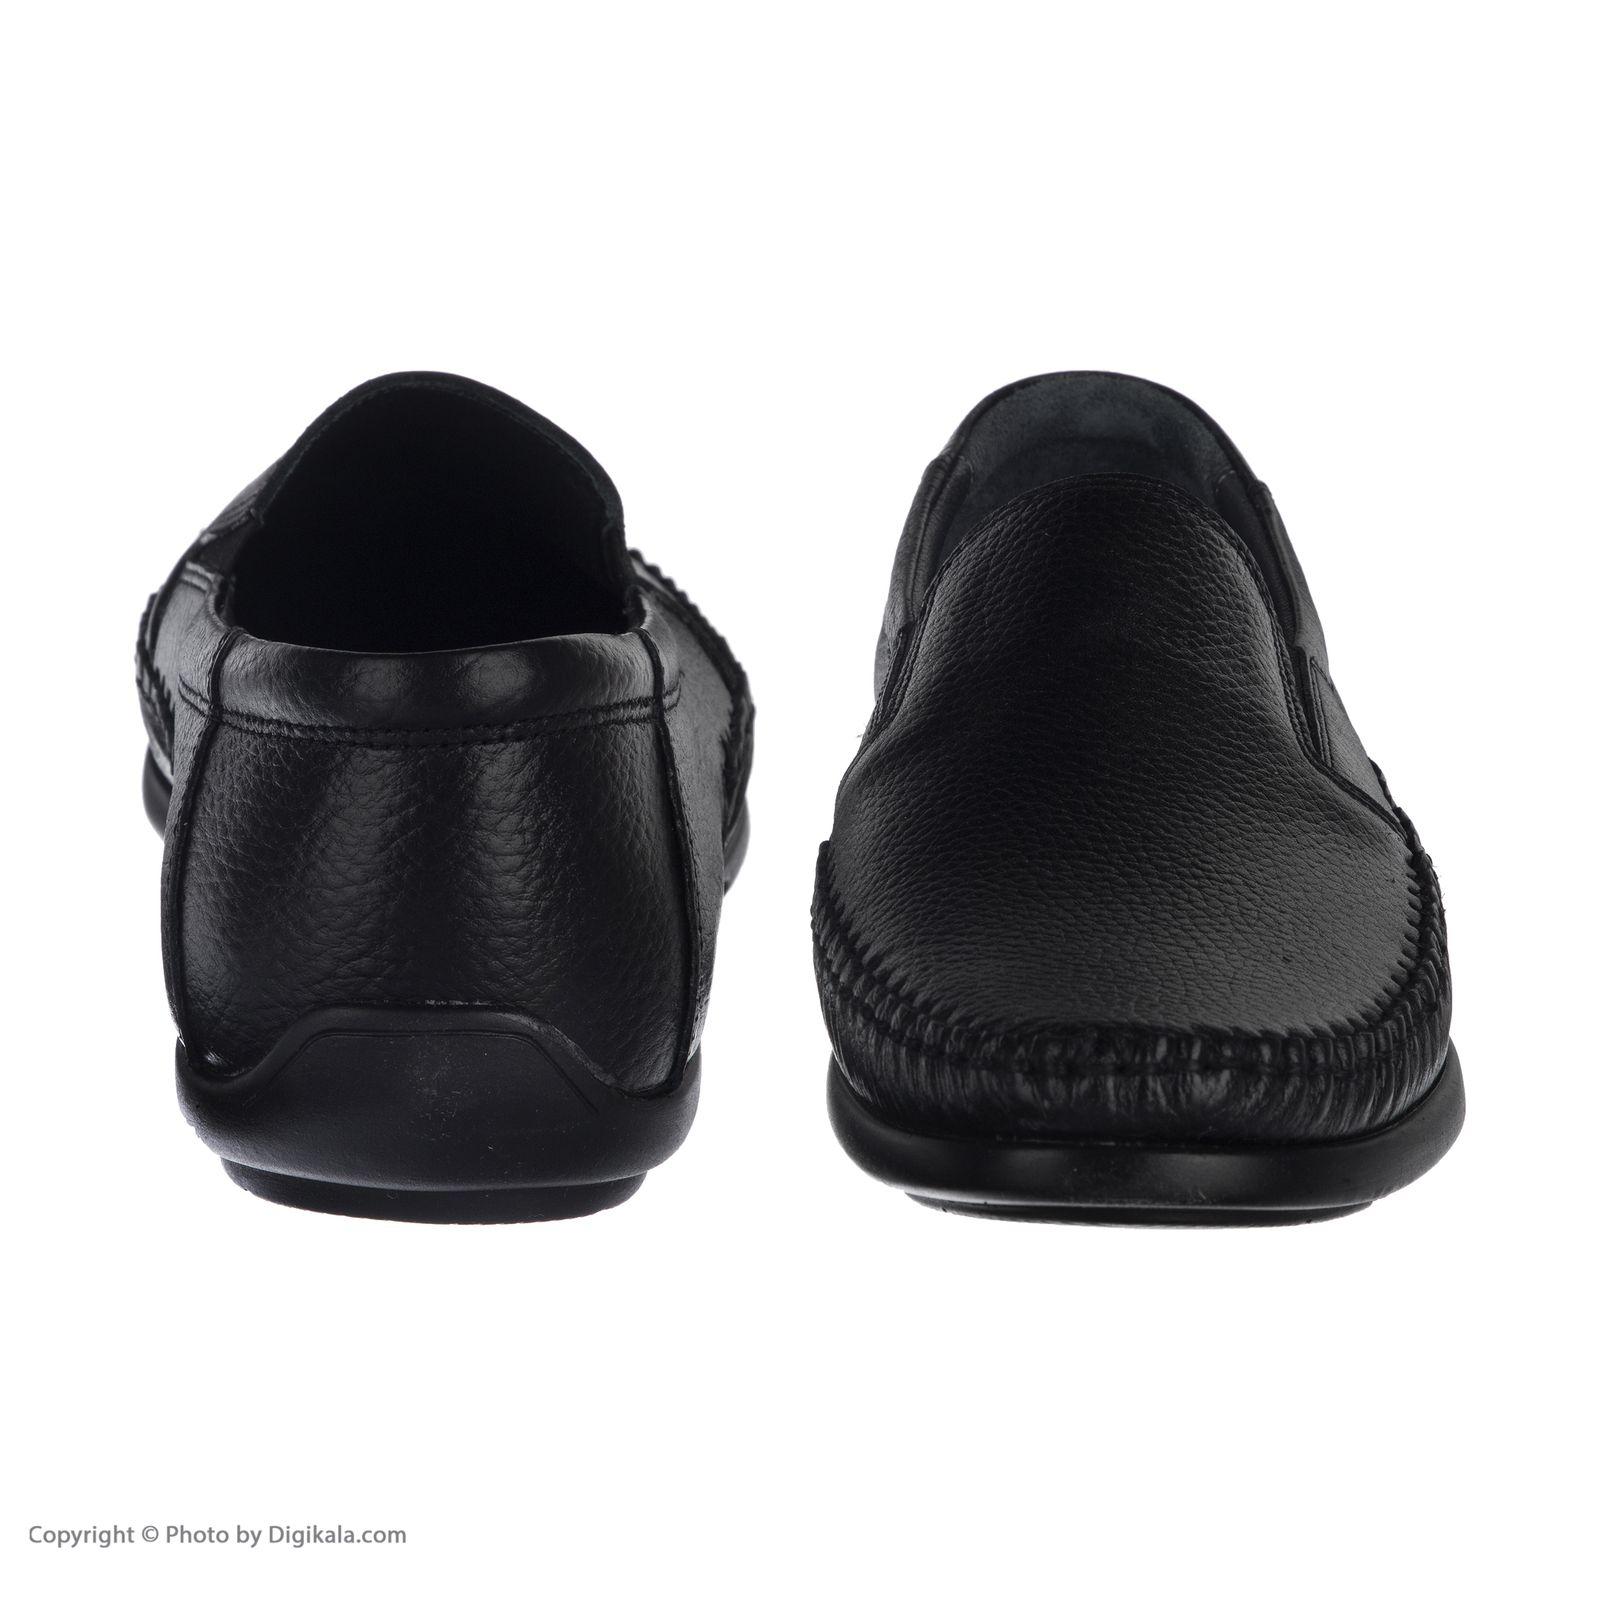 کفش روزمره مردانه ریمکس مدل 7333B503101 -  - 4